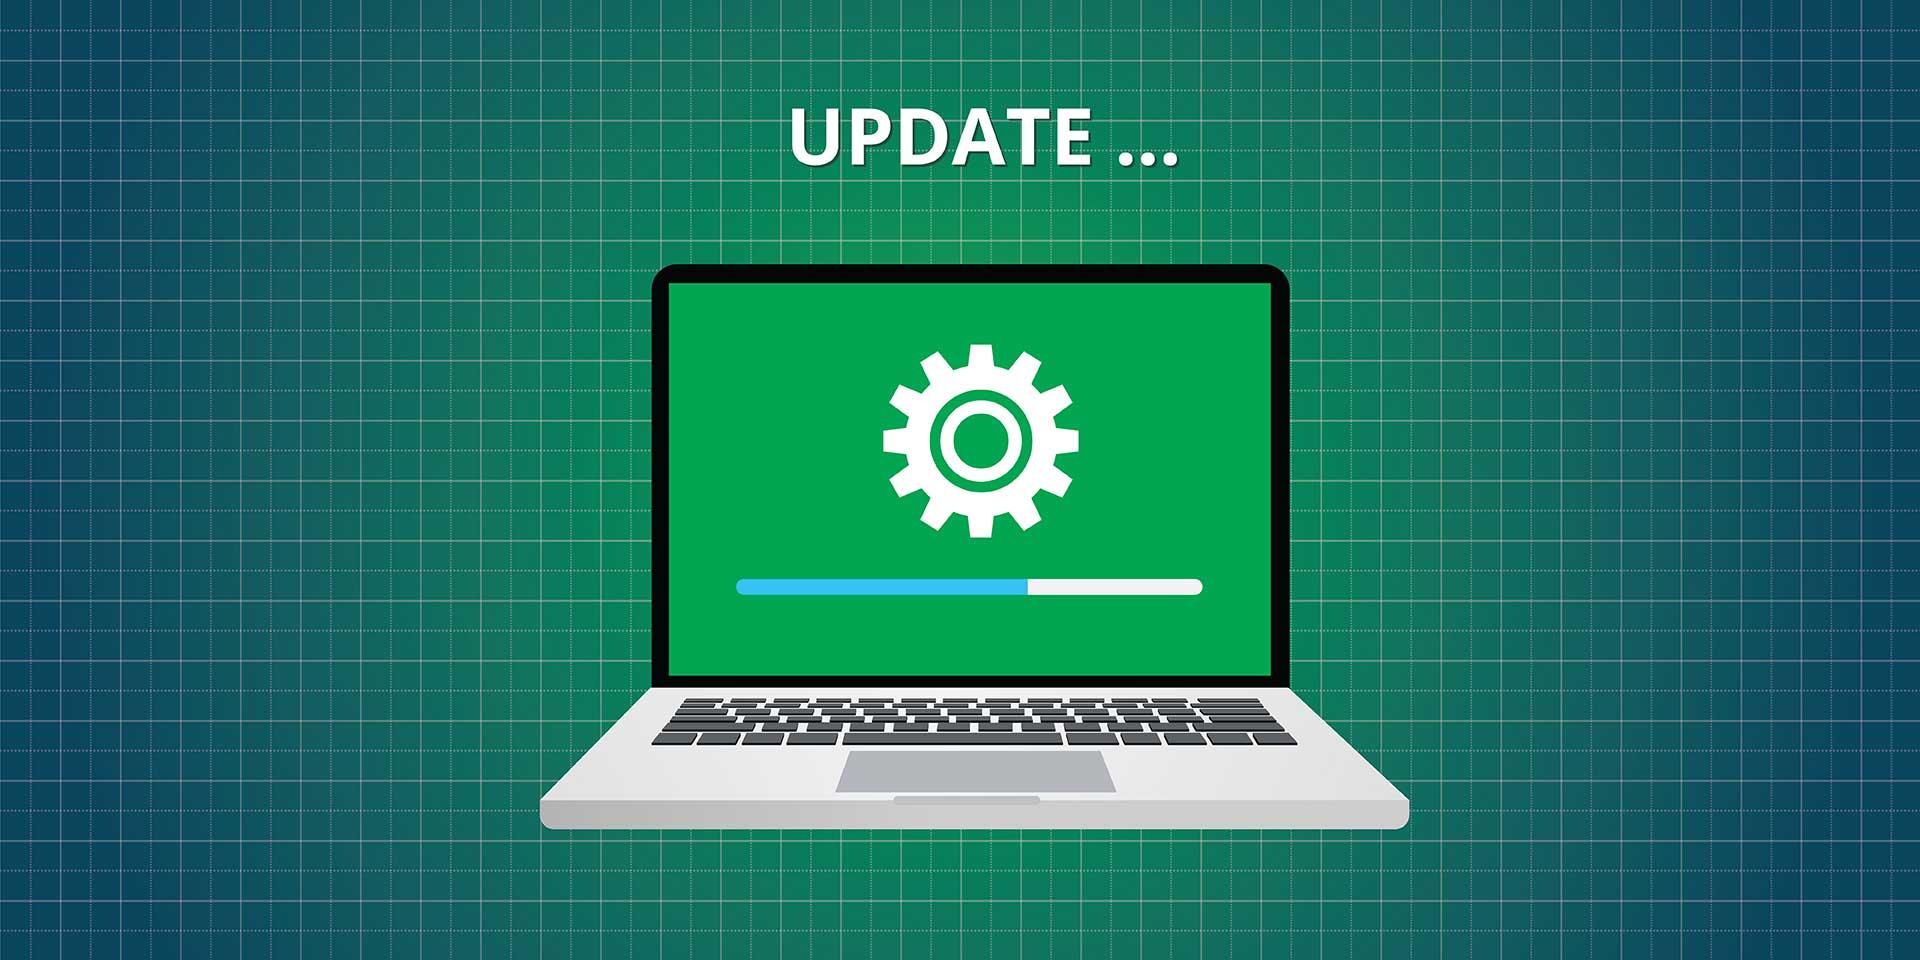 Opi-sivuston käyttökatko 16.6.2020